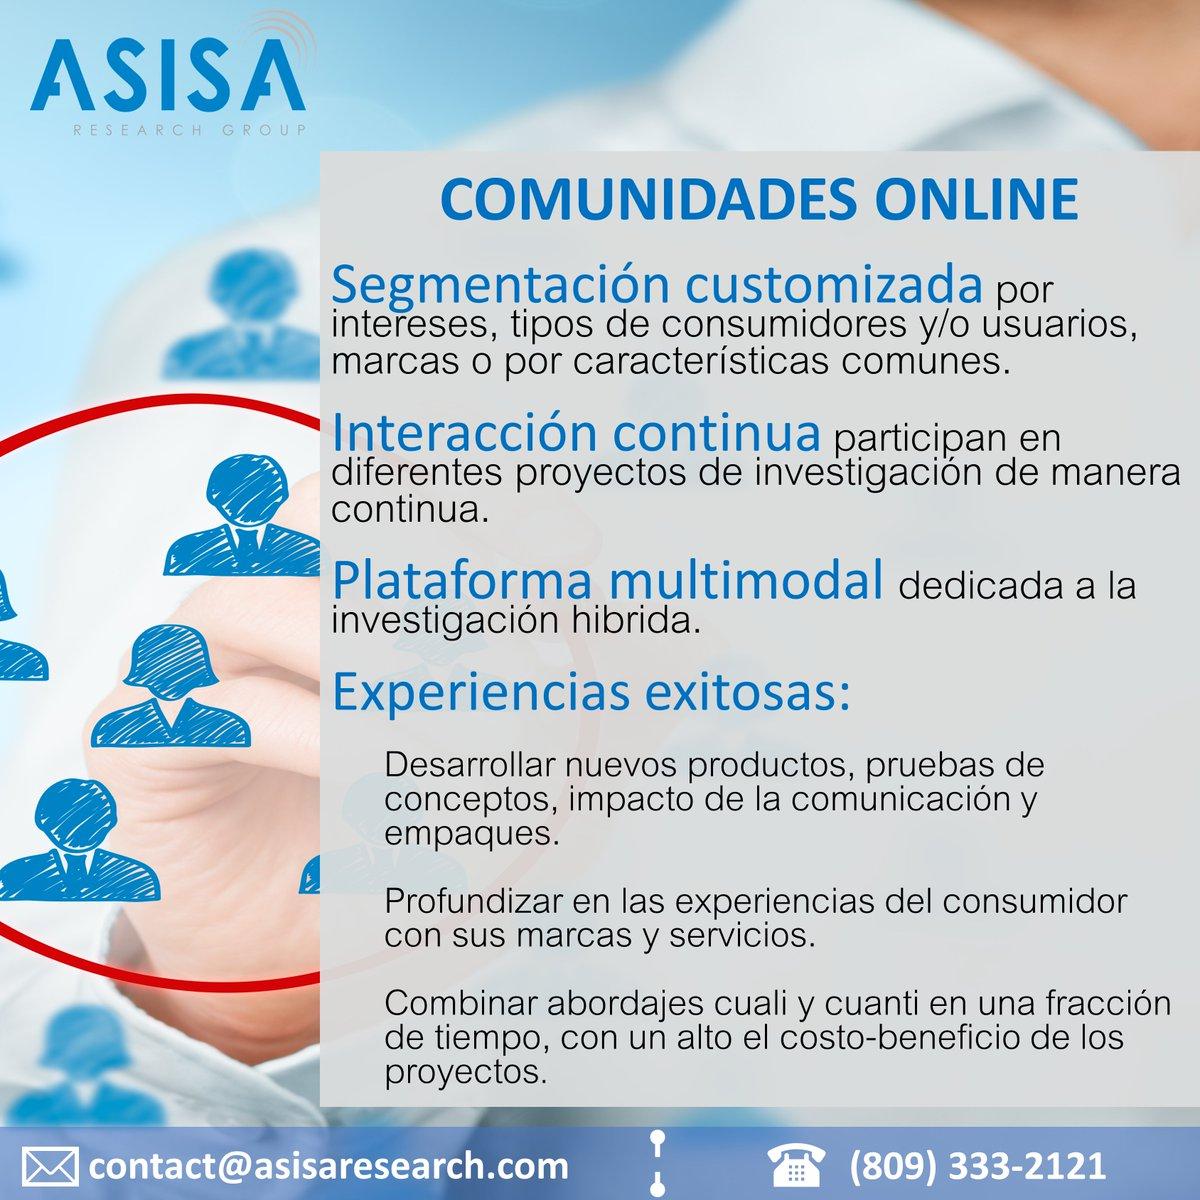 asisaresearch photo